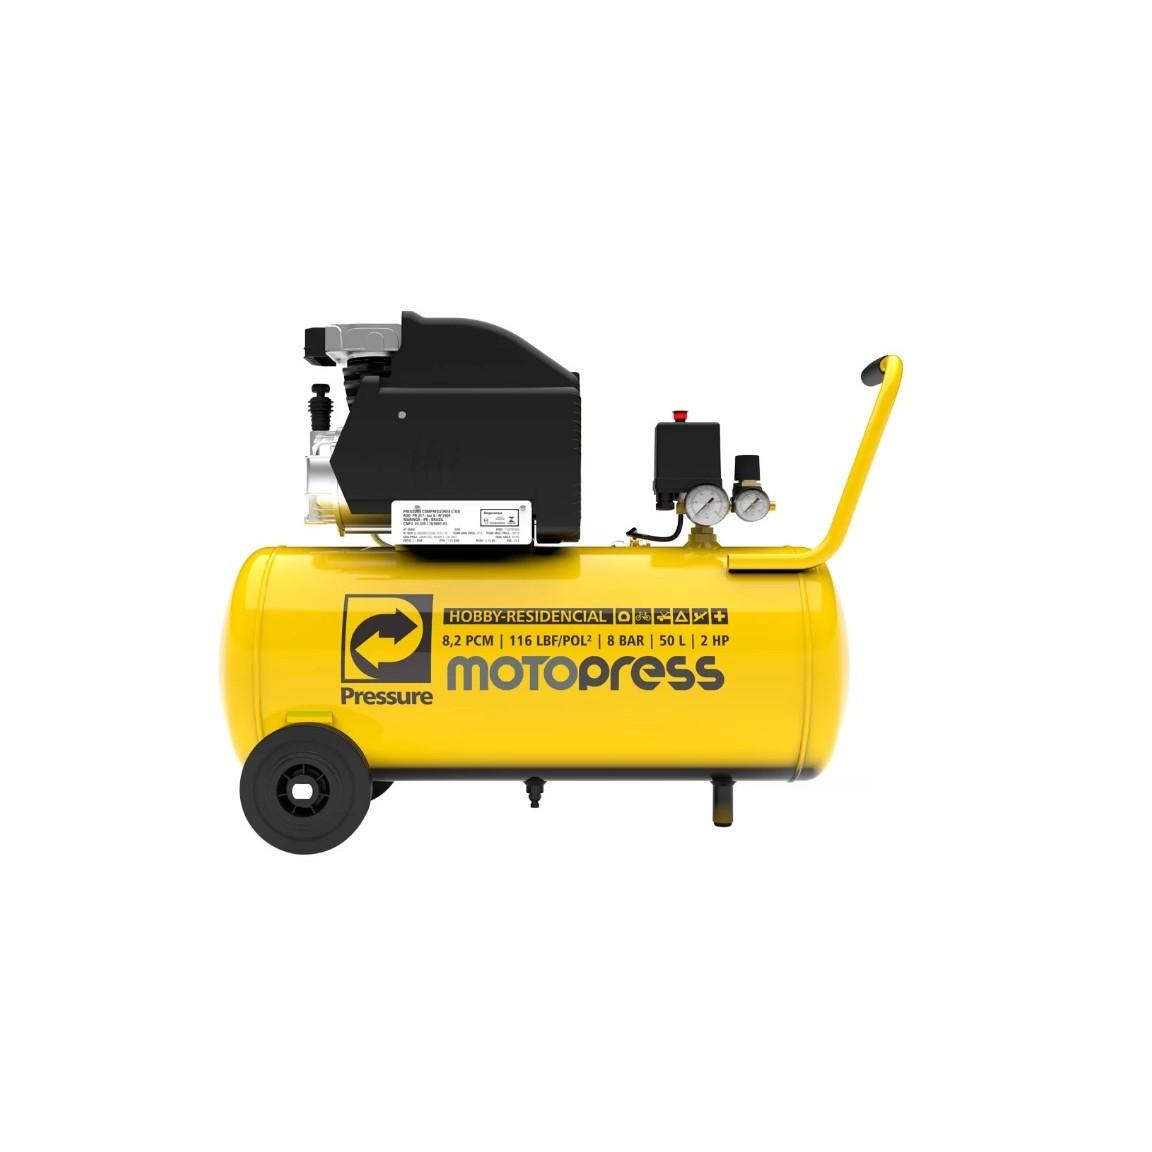 Motocompressor de Ar 20cv 116psi 110v 1129740179 - Pressure